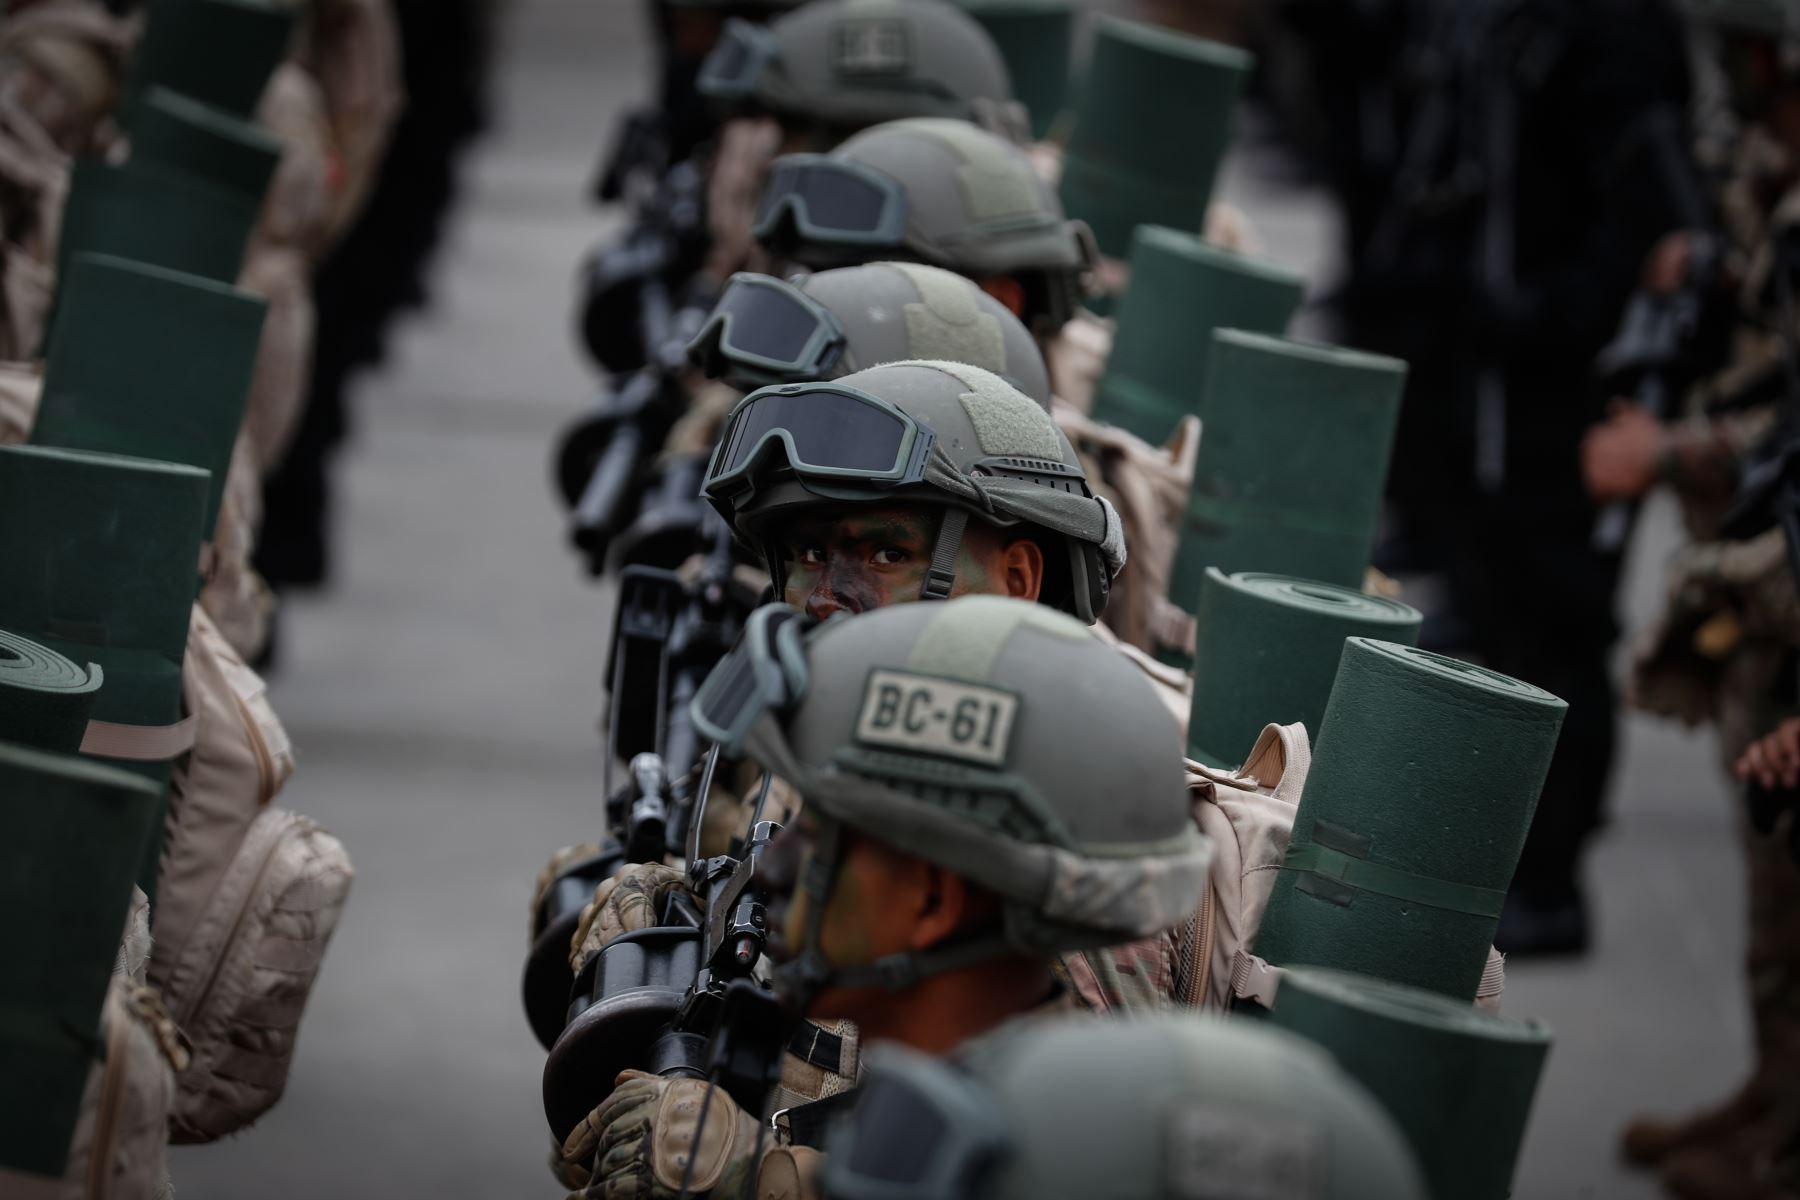 Ceremonia por el Día del Ejército del Perú. Foto: ANDINA/Renato Pajuelo